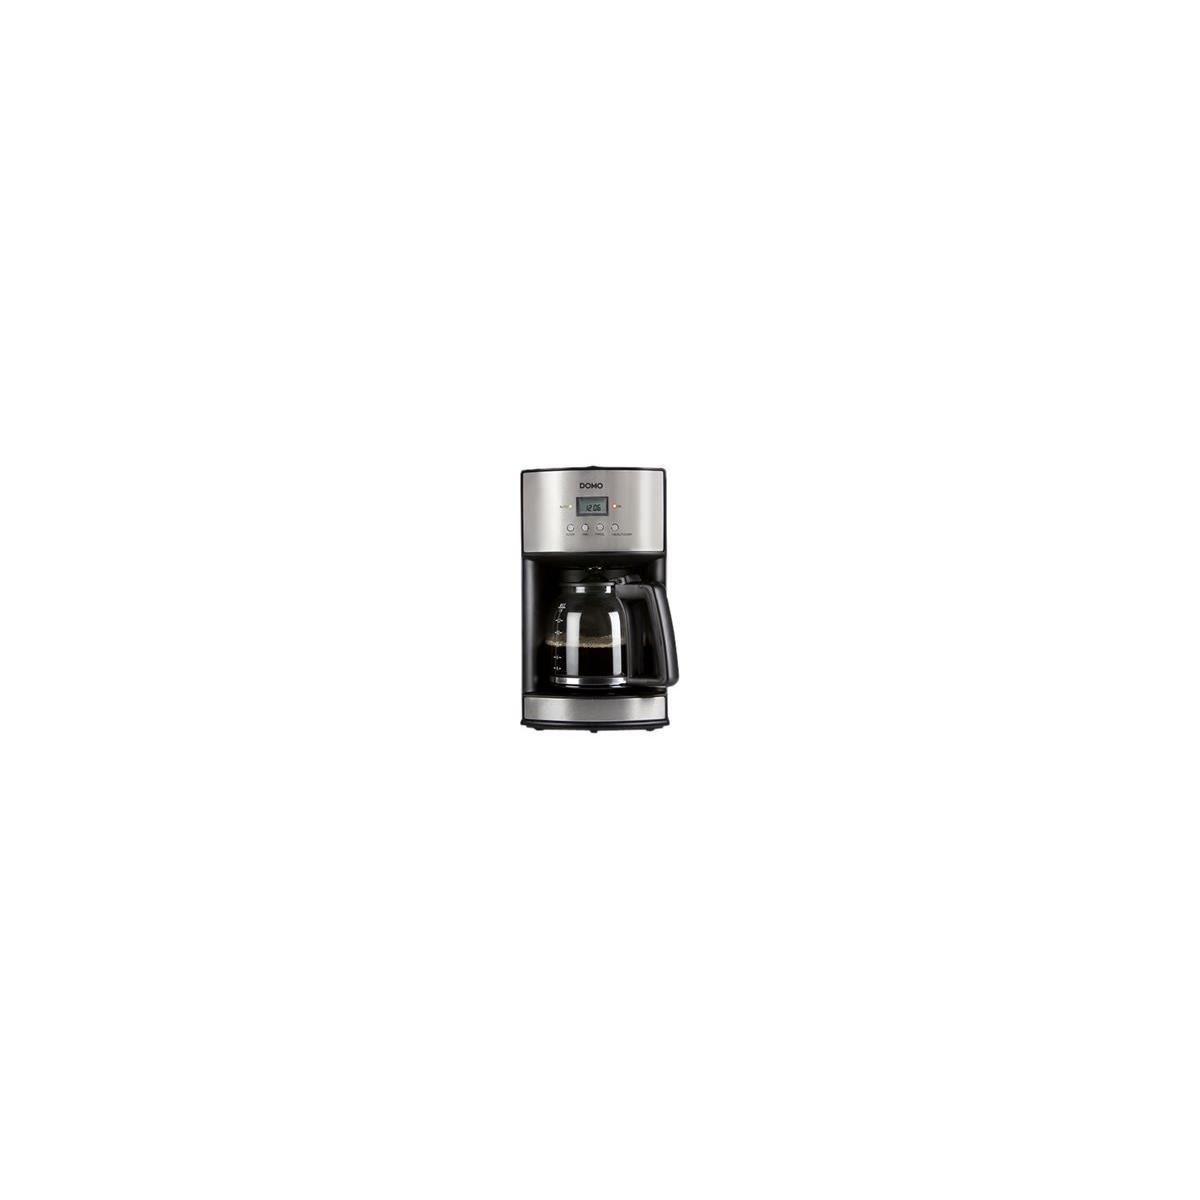 Domo Do473k Cafetiere Filtre Inox Delonghi Ec680r Coffee Maker Merah